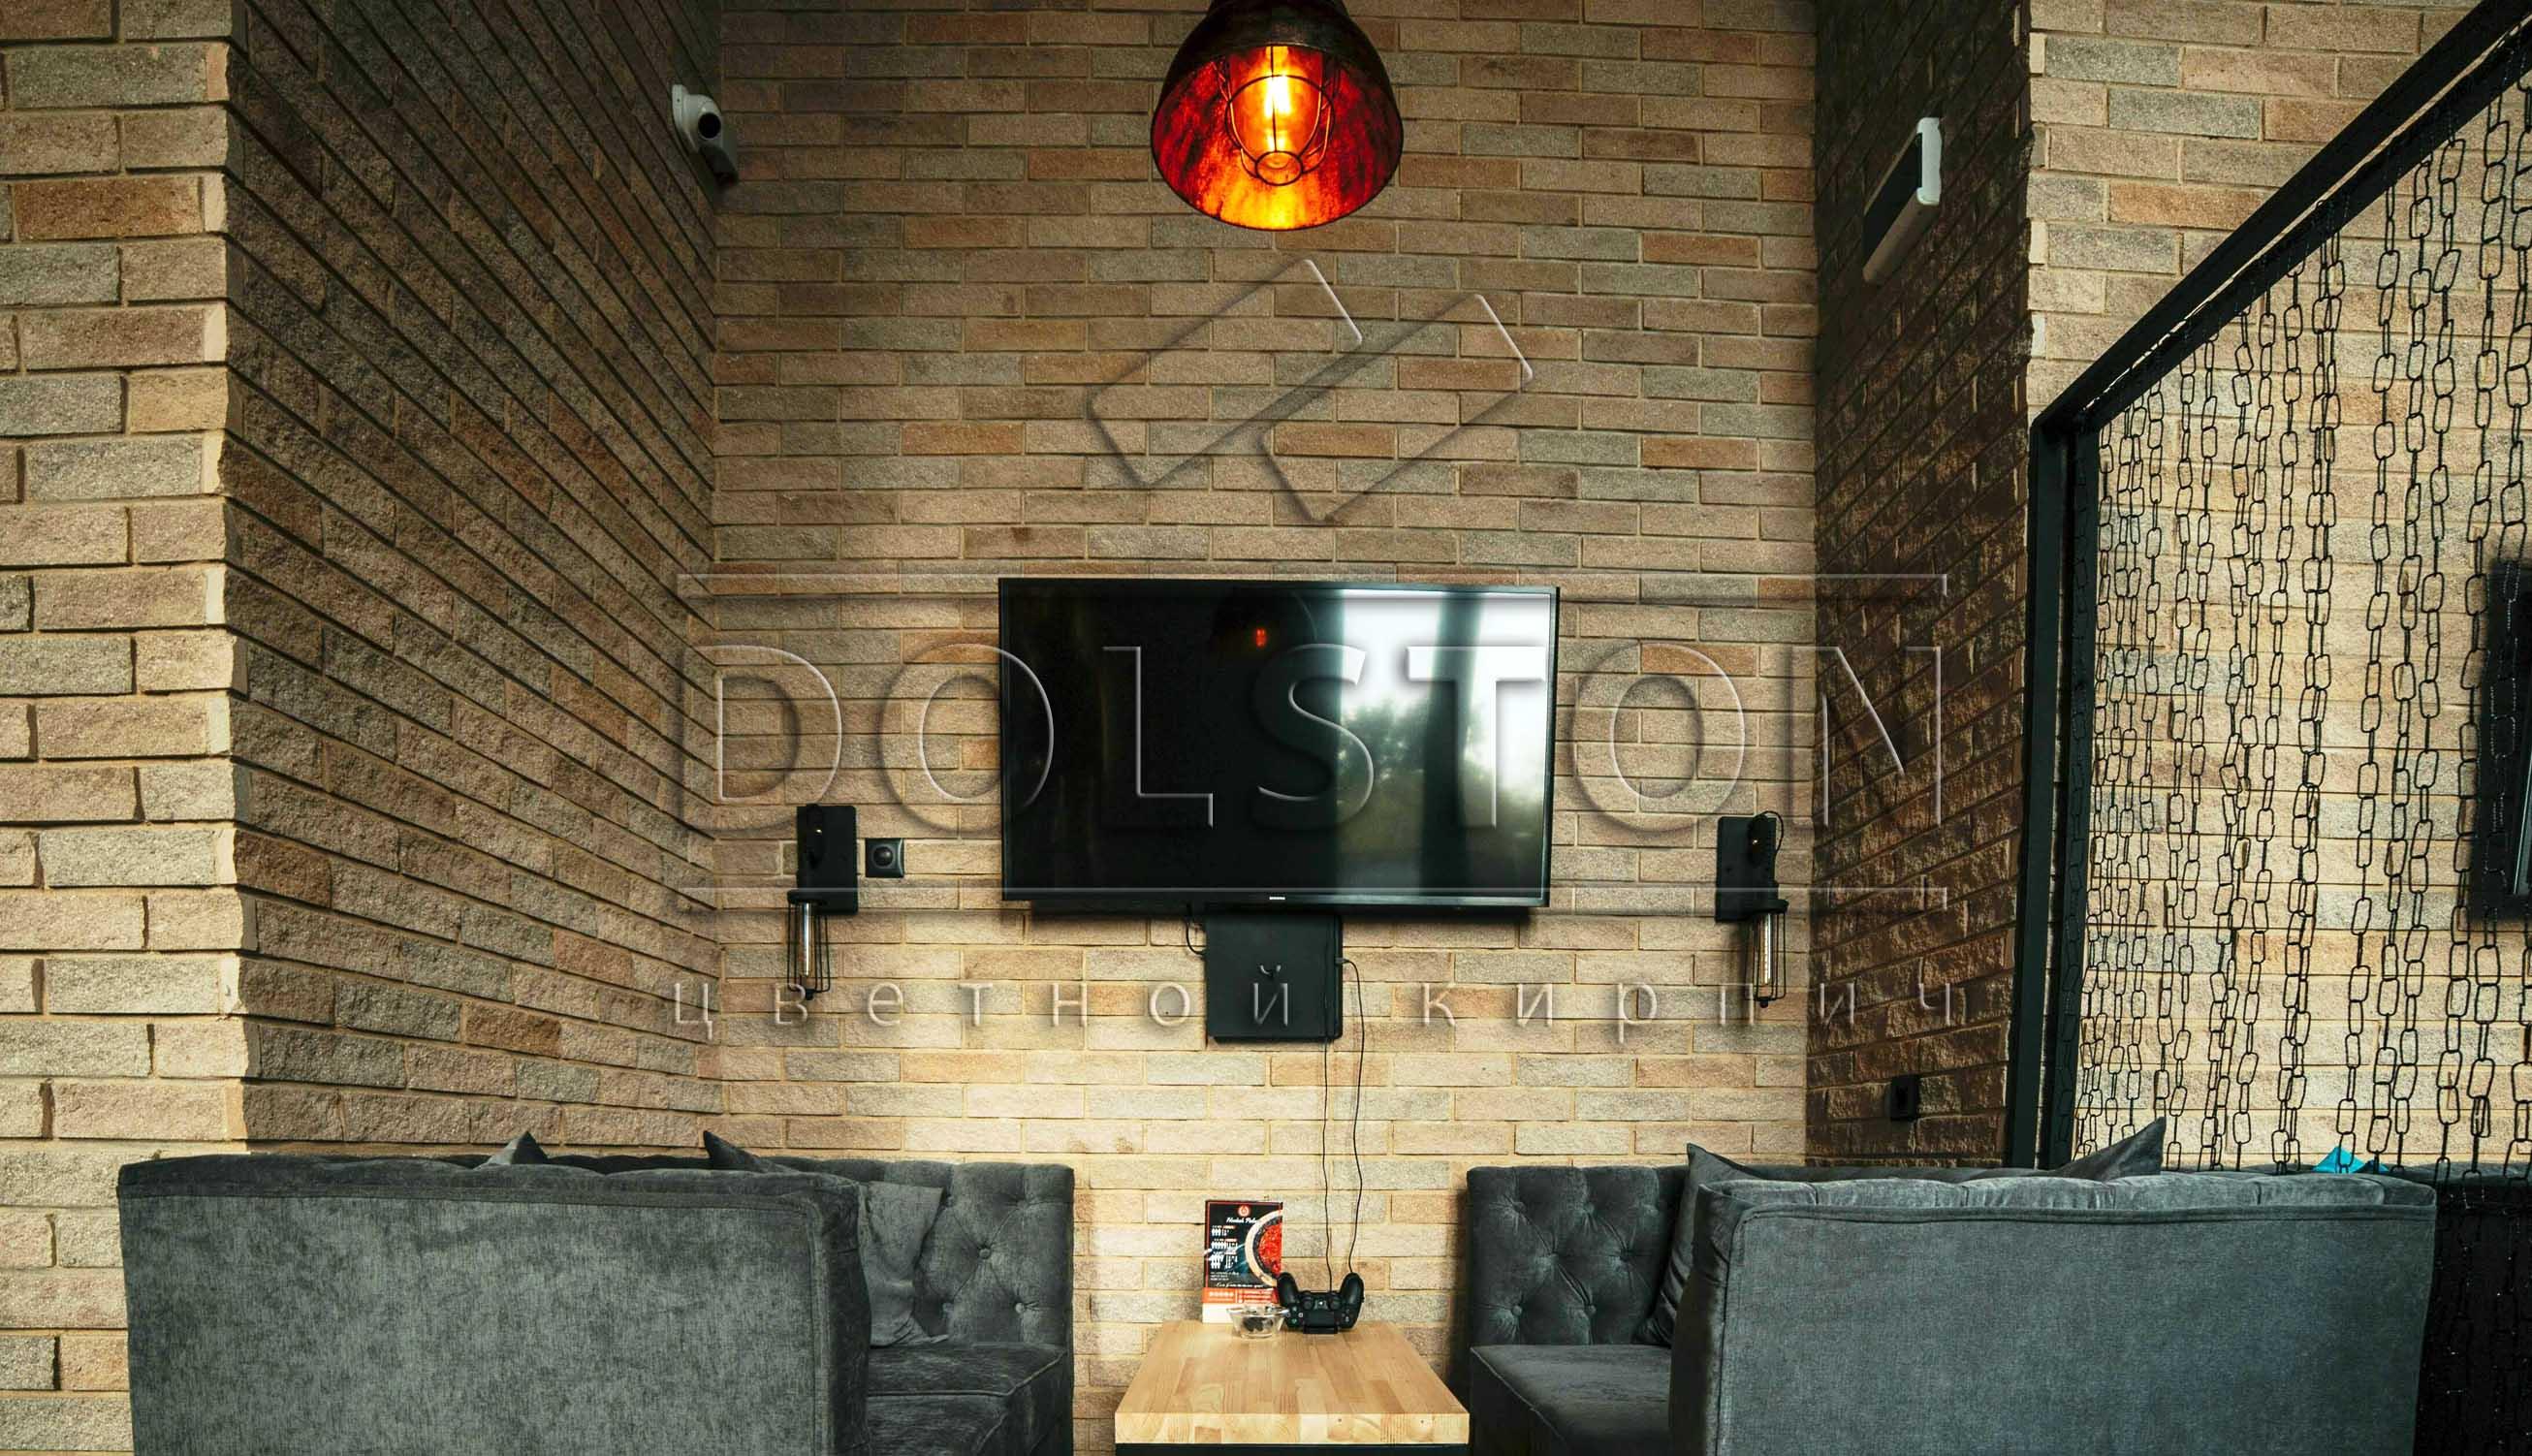 Внутренняя отделка ресторана клинкерной плиткой - фото № 345